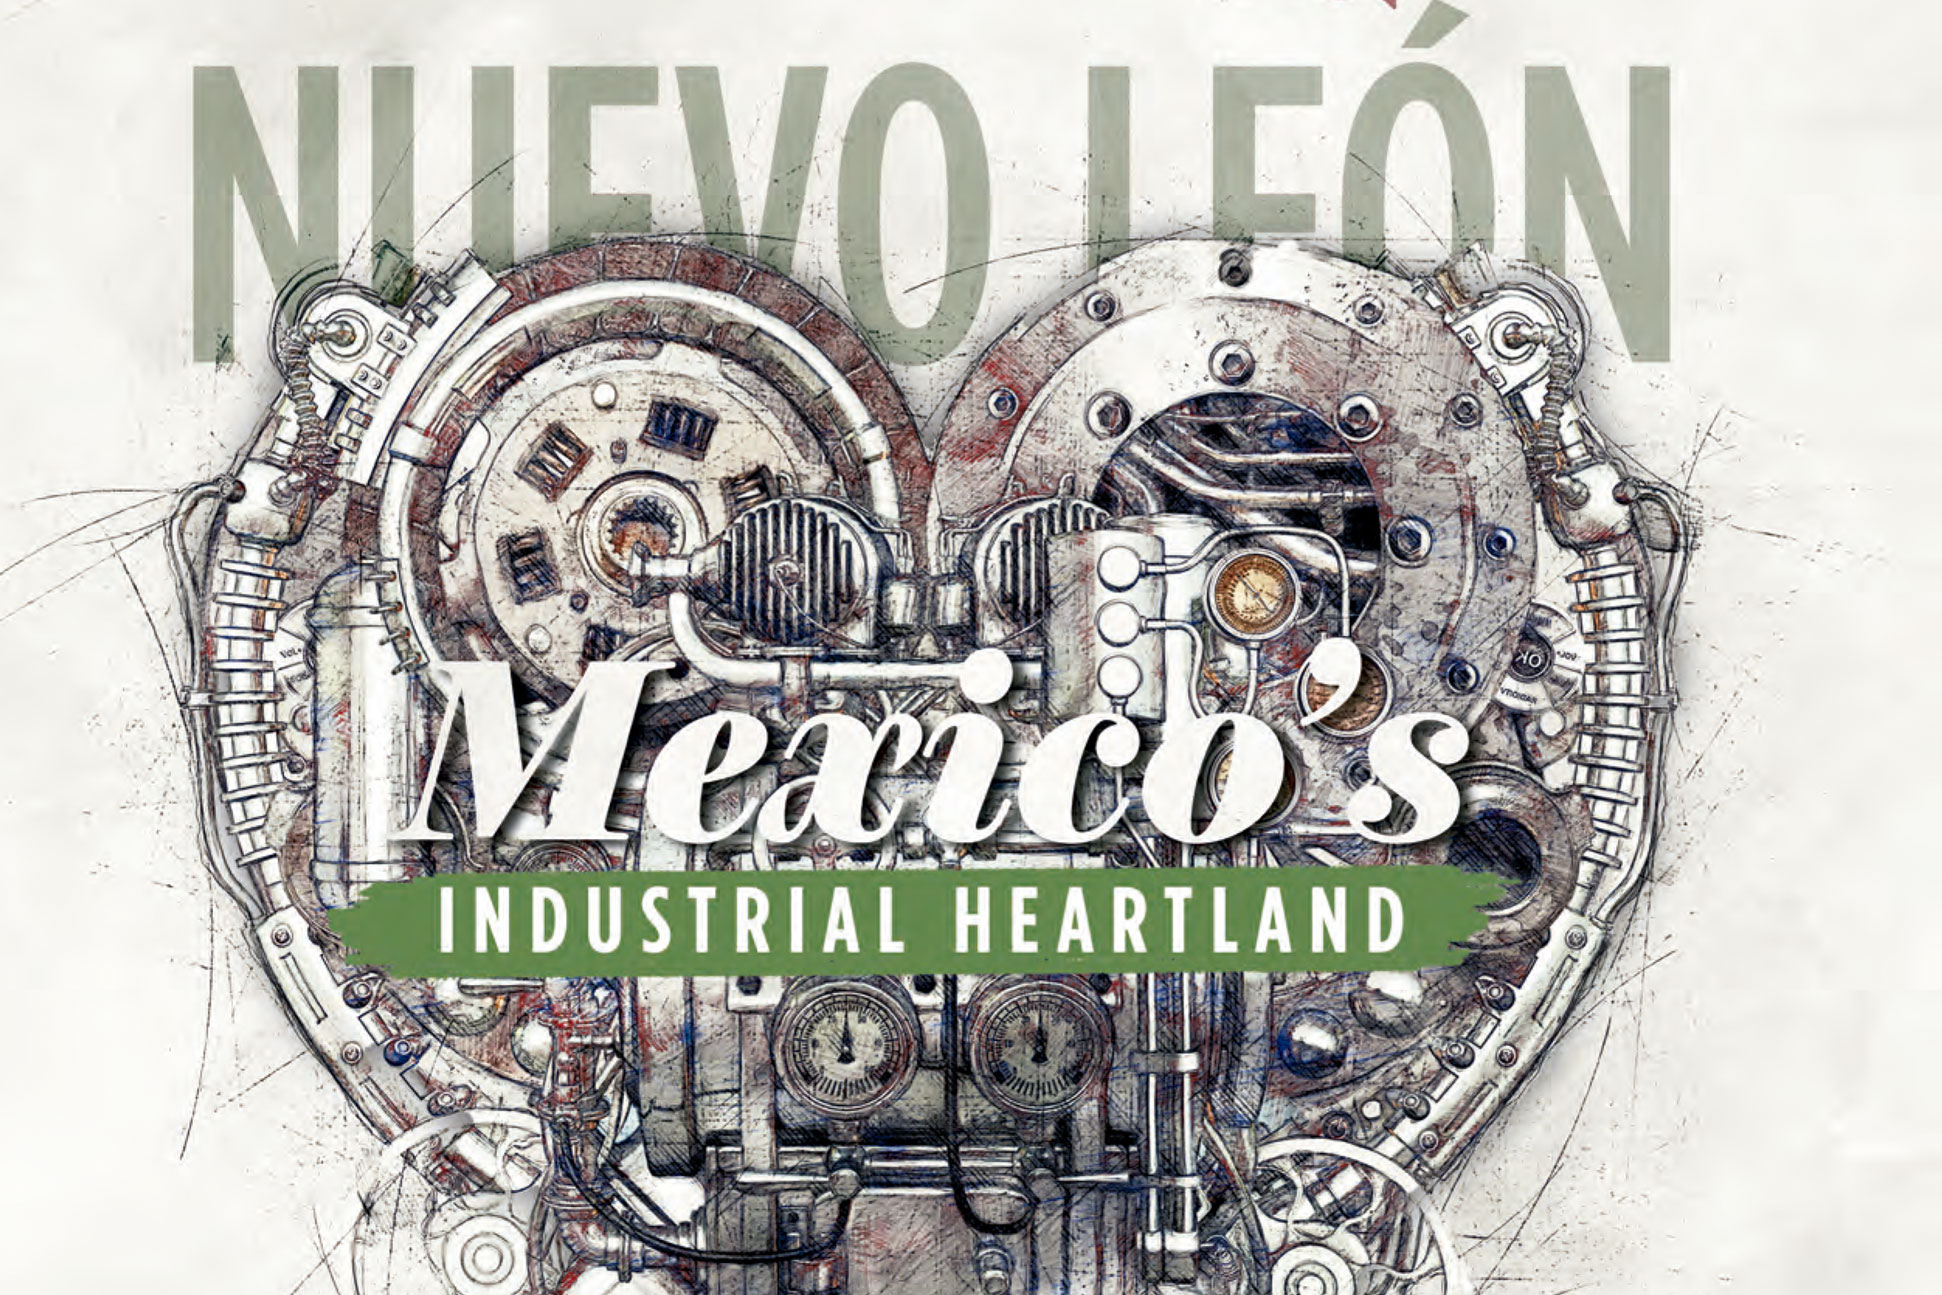 Mexico's Industrial Heartland